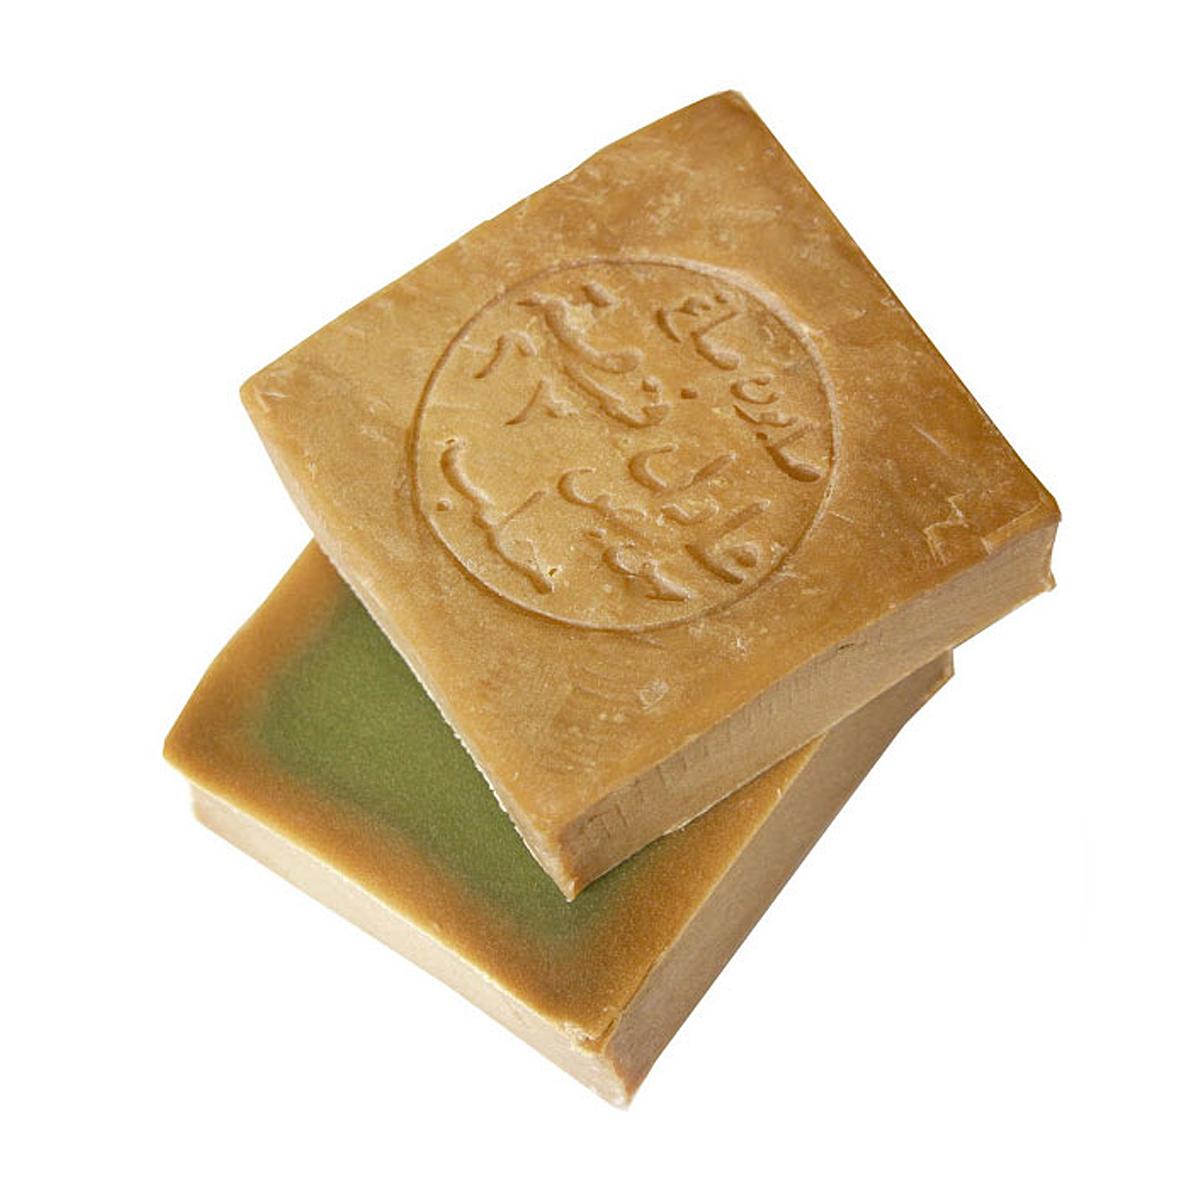 アレッポの石鹸(アレッポノセッケン) ライトの商品画像